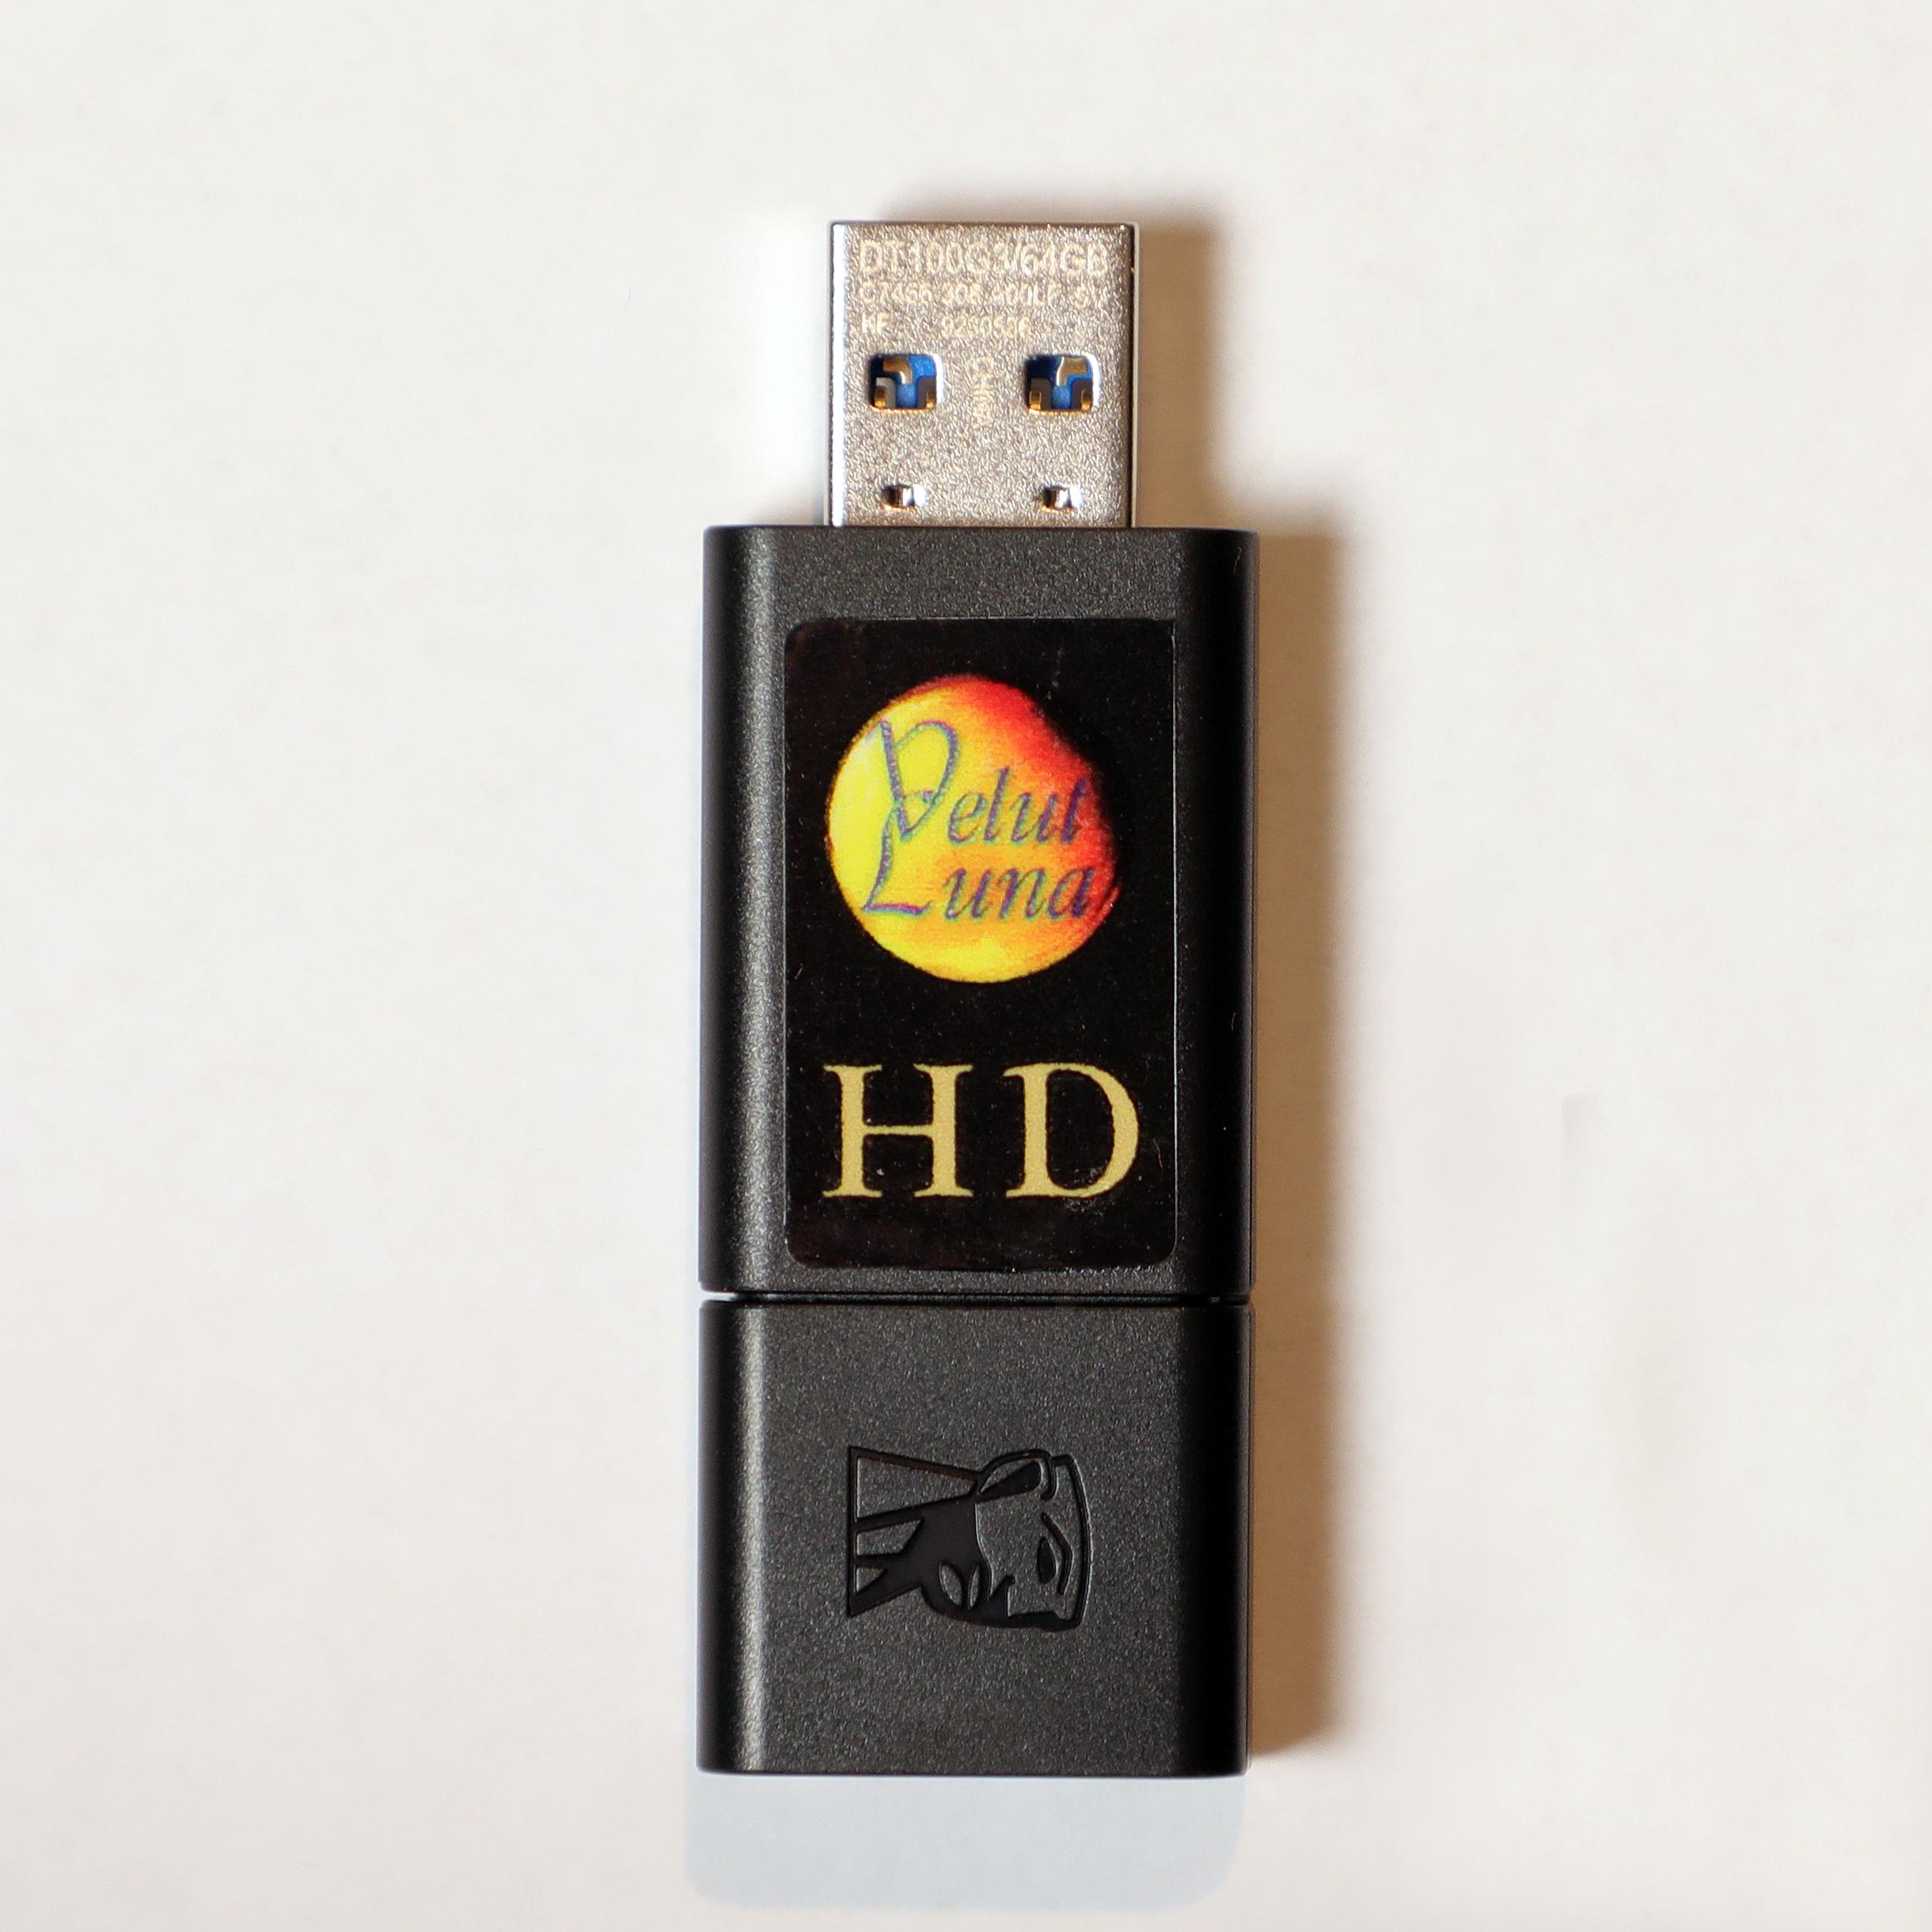 FILES HD COLLECTION 1 - 18 ALBUM / 244 TRACCE HD - USB 64GB